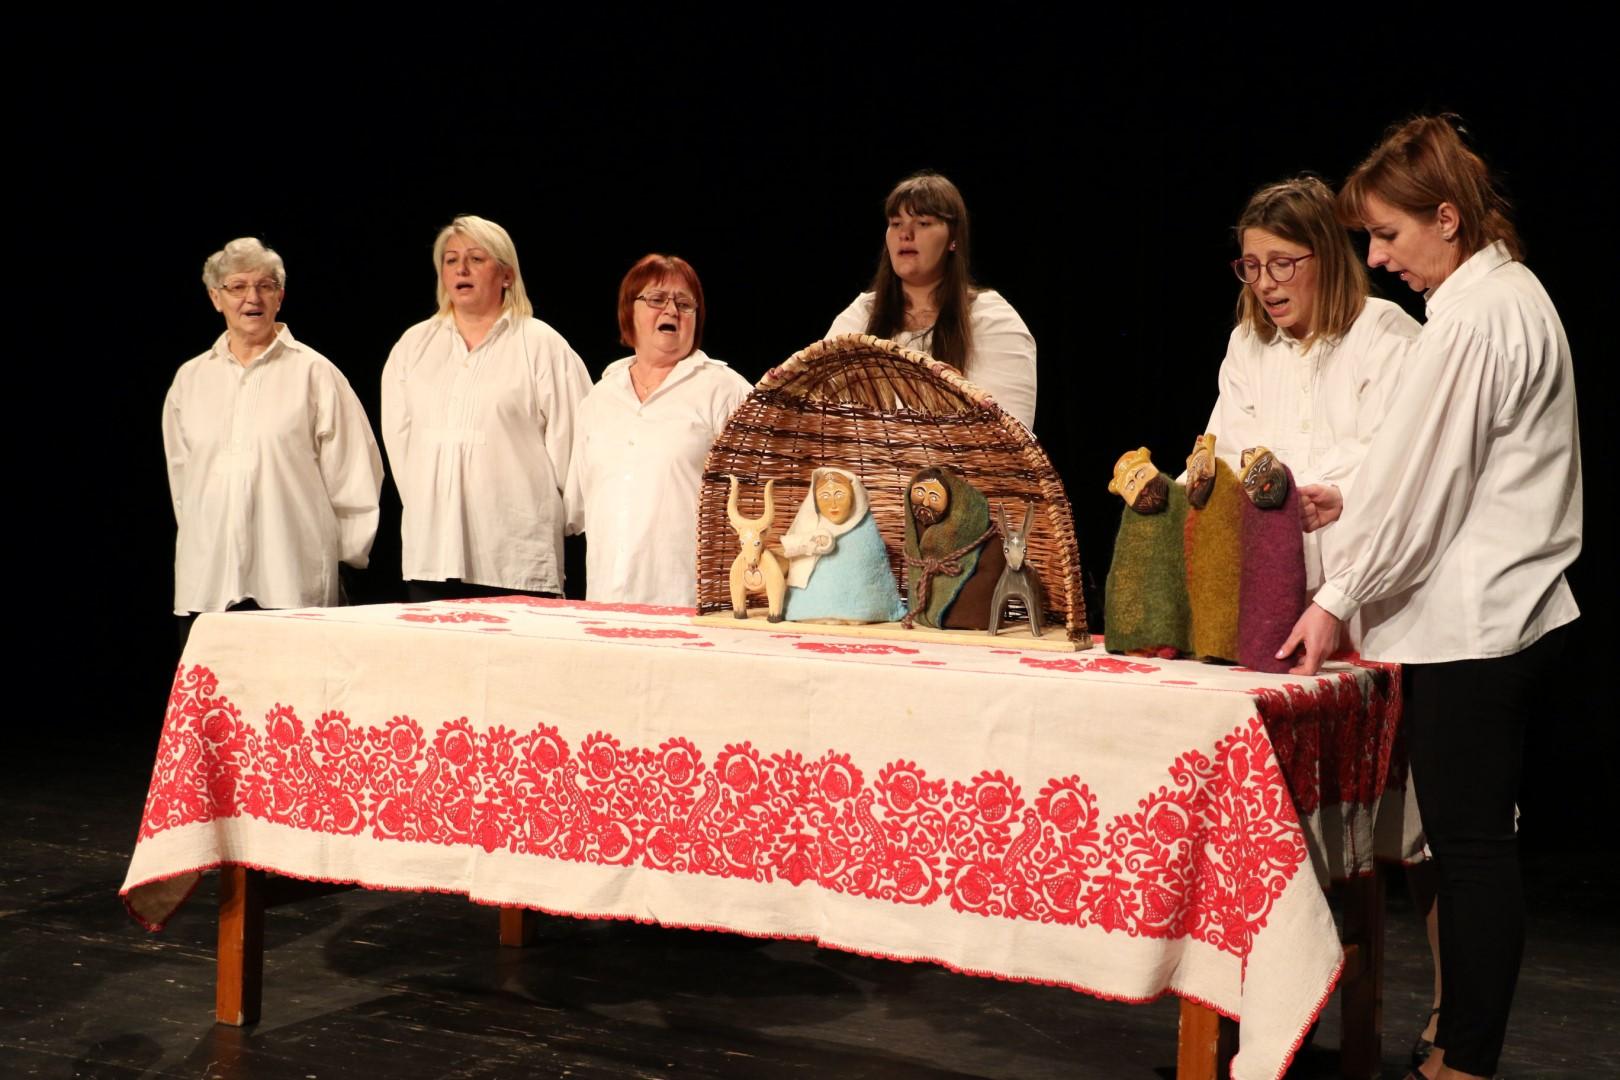 Dió Színház: Menjünk mi is Betlehembe! – hagyományon alapuló bábos misztériumjáték élő zenével (Tiszaszőlős, Jász-Nagykun-Szolnok megye)